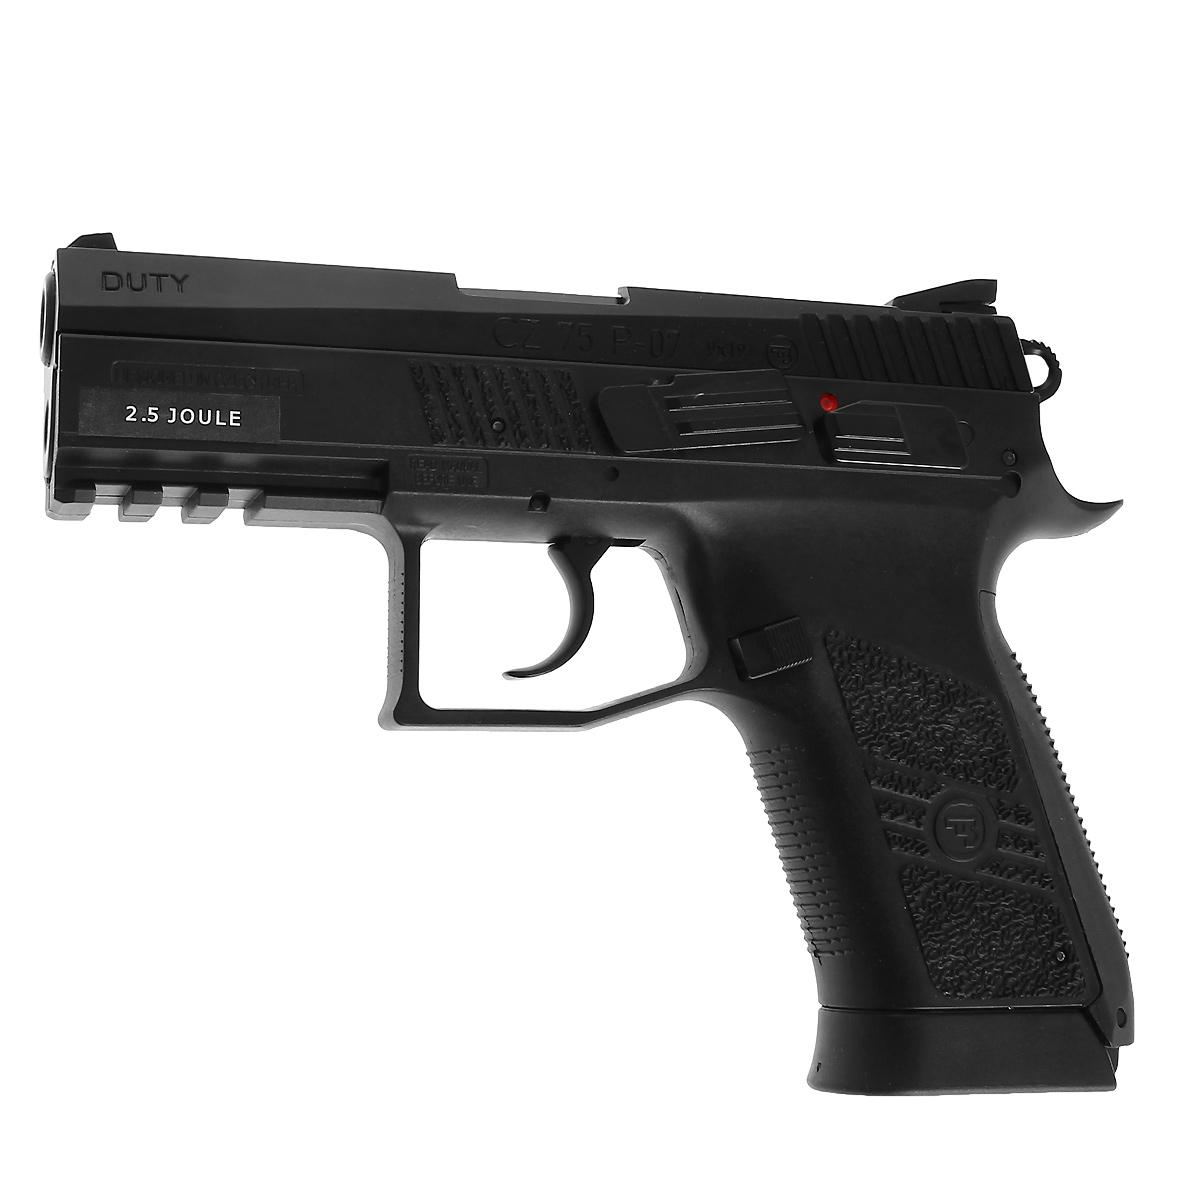 ASG CZ 75 P-07 Duty пистолет пневматический CO2, 4,5 мм, цвет: Black (16726) - ASG16726Реплика известной модели чешского пистолета CZ 75 P-07 Duty с максимальной имитацией функционирования всех подвижных частей - движущийся при стрельбе металлический затвор, предварительный взвод курка, регулируемый целик, планка Вивера под стволом для крепления фонаря или ЛЦУ. Версия неблоубэк (при стрельбе затвор неподвижен). Несет аутентичную маркировку и имеет уникальный серийный номер Баллон CO2 размещается в рукоятке Общая длина - 186 мм, Материал - оружейный пластик, резина, металл Калибр - 4.5 мм Баллон - 12 г СО2 Дульная Энергия - менее 3 Джоулей Емкость магазина - 20 шариков Тип УСМ - Одиночного / Двойного действия (взвод для каждого выстрела / взвод только для первого выстрела) Уважаемые покупатели, при использовании пневматики соблюдайте технику безопасности: храните в разряженном состоянии в местах недоступных для детей, не направляйте на людей и животных, при стрельбе следите, чтобы в районе мишени...